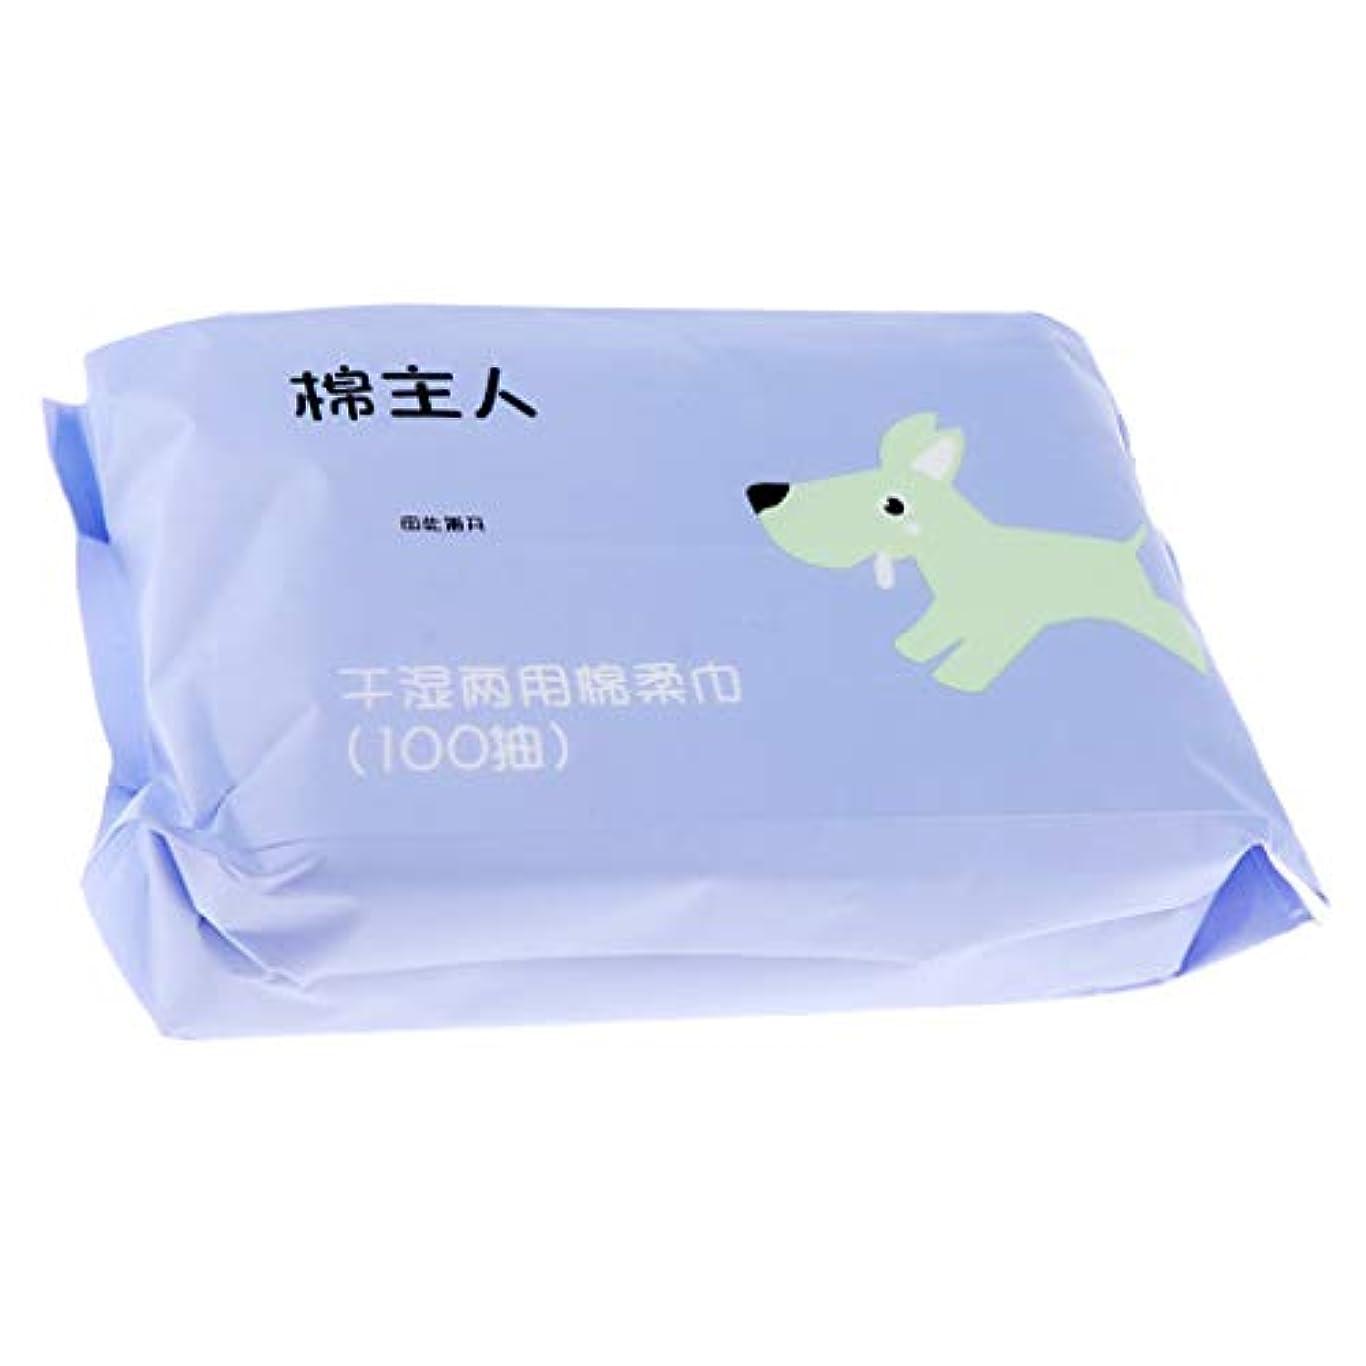 水っぽいハリケーン哲学者Perfeclan 約100枚 クレンジングシート フェイス クリーニング タオル メイク落とし 清潔 衛生 非刺激 - 青紫